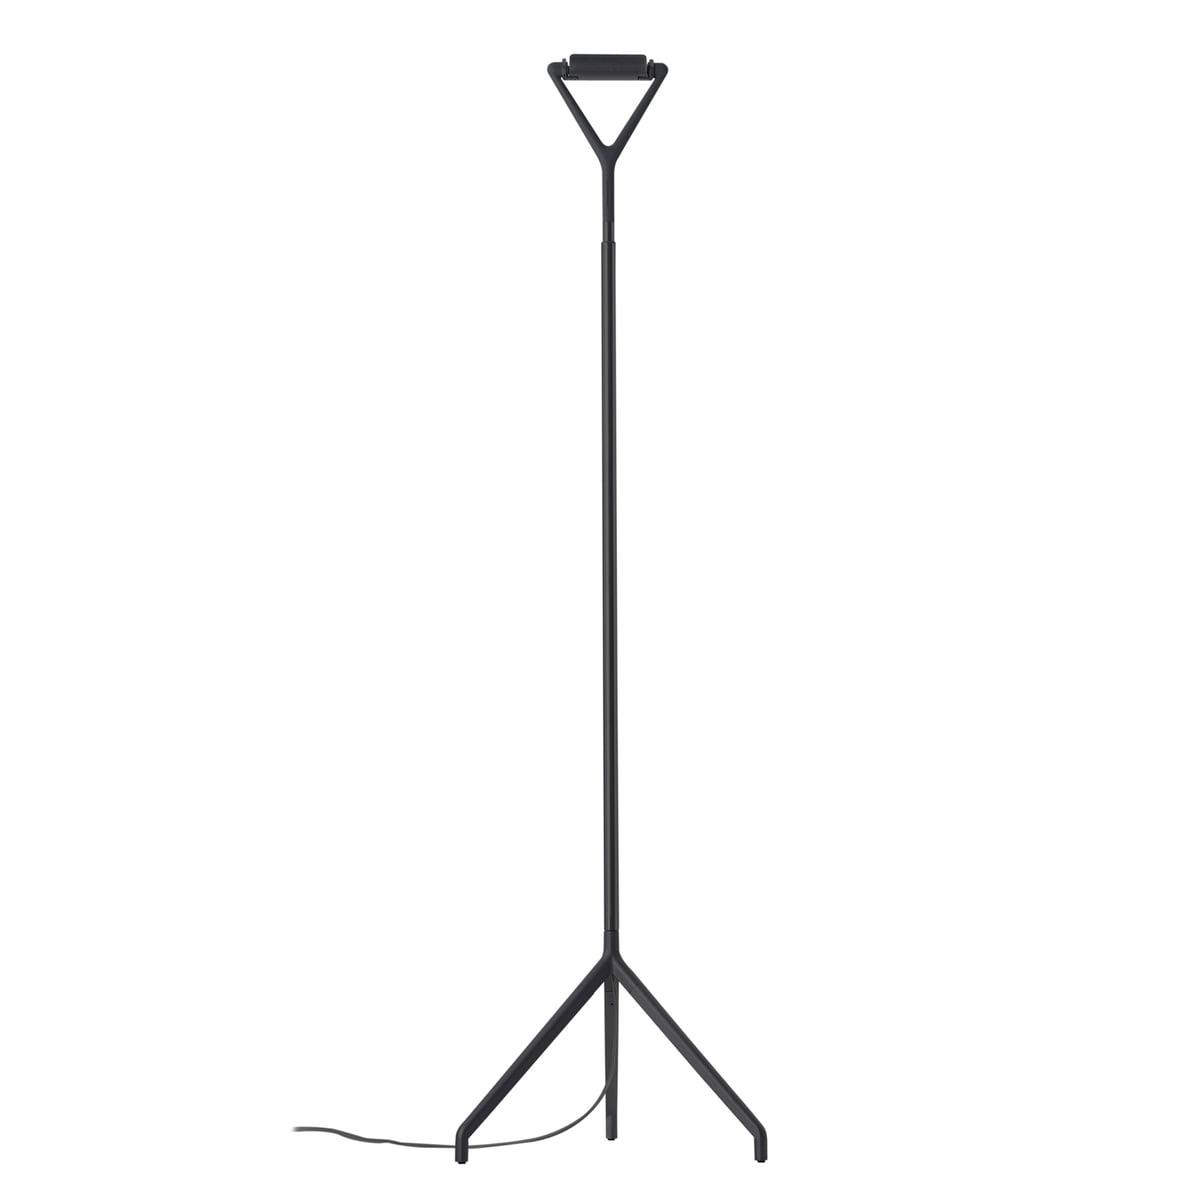 Luceplan - Lola Stehleuchte D15 ND, schwarz | Lampen > Stehlampen > Standleuchten | Schwarz | Luceplan